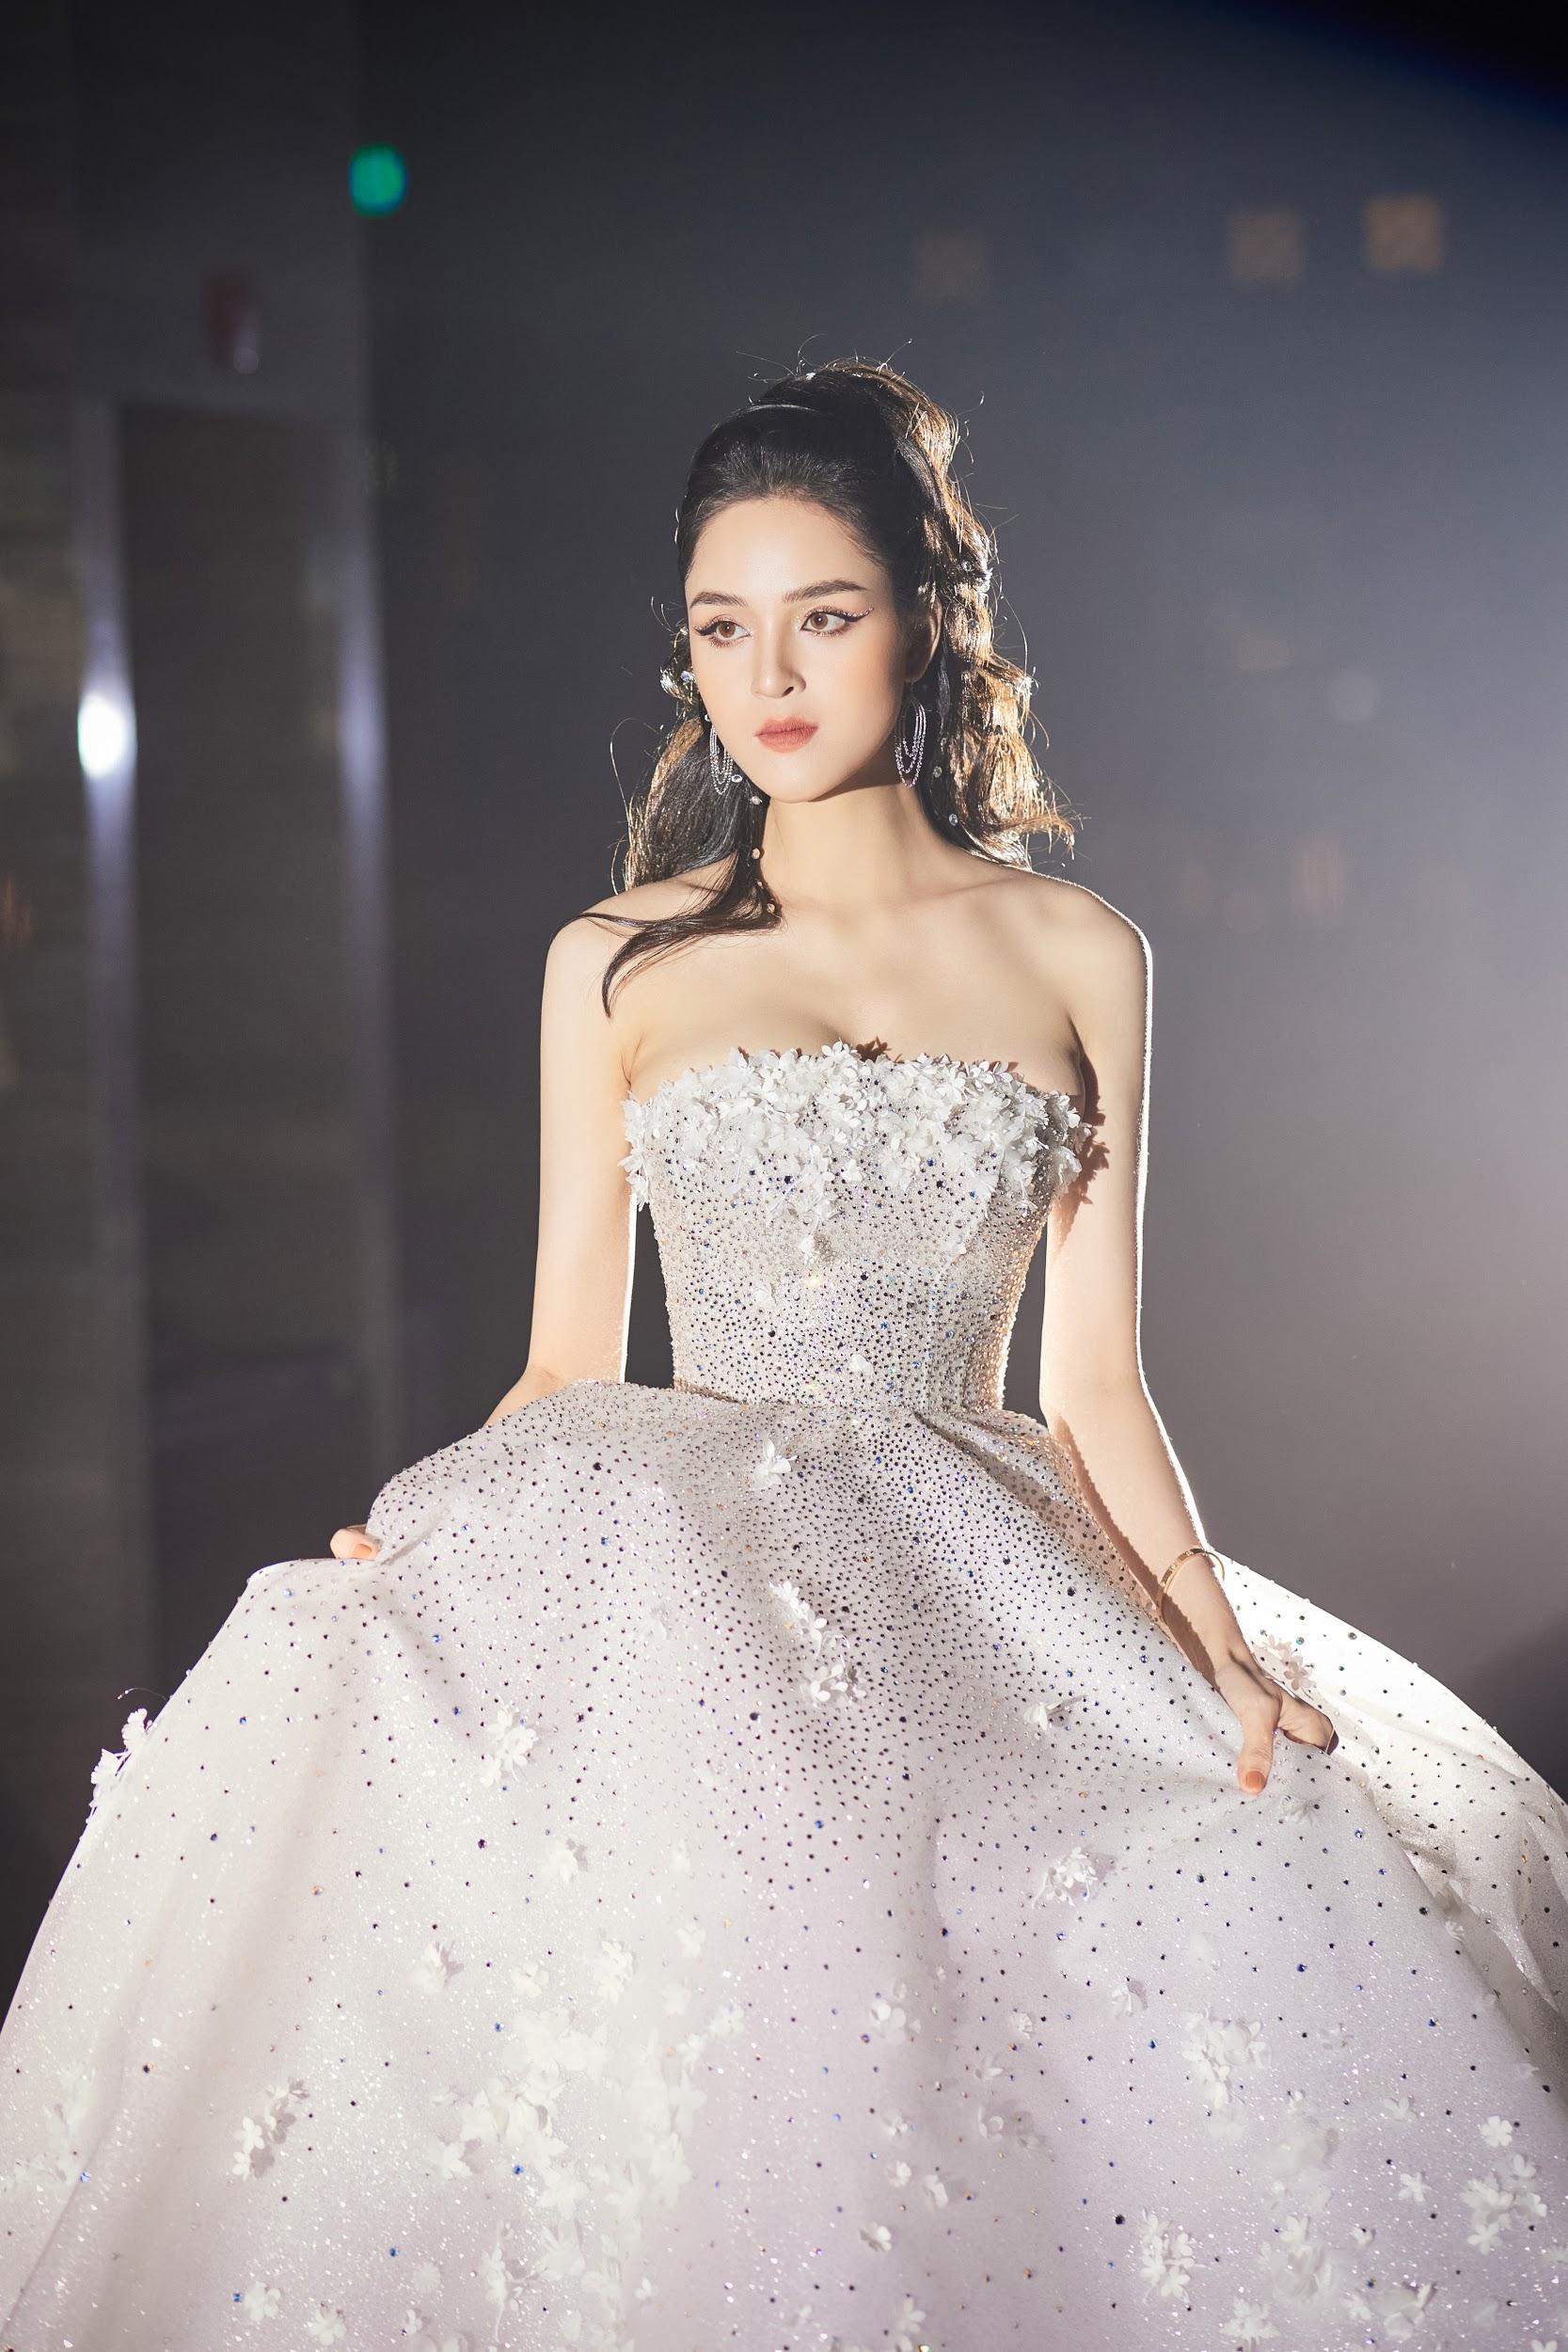 Lecia Bridal ra mắt dòng váy Luxury đính hàng trăm ngàn viên pha lê Swarovski - Ảnh 1.